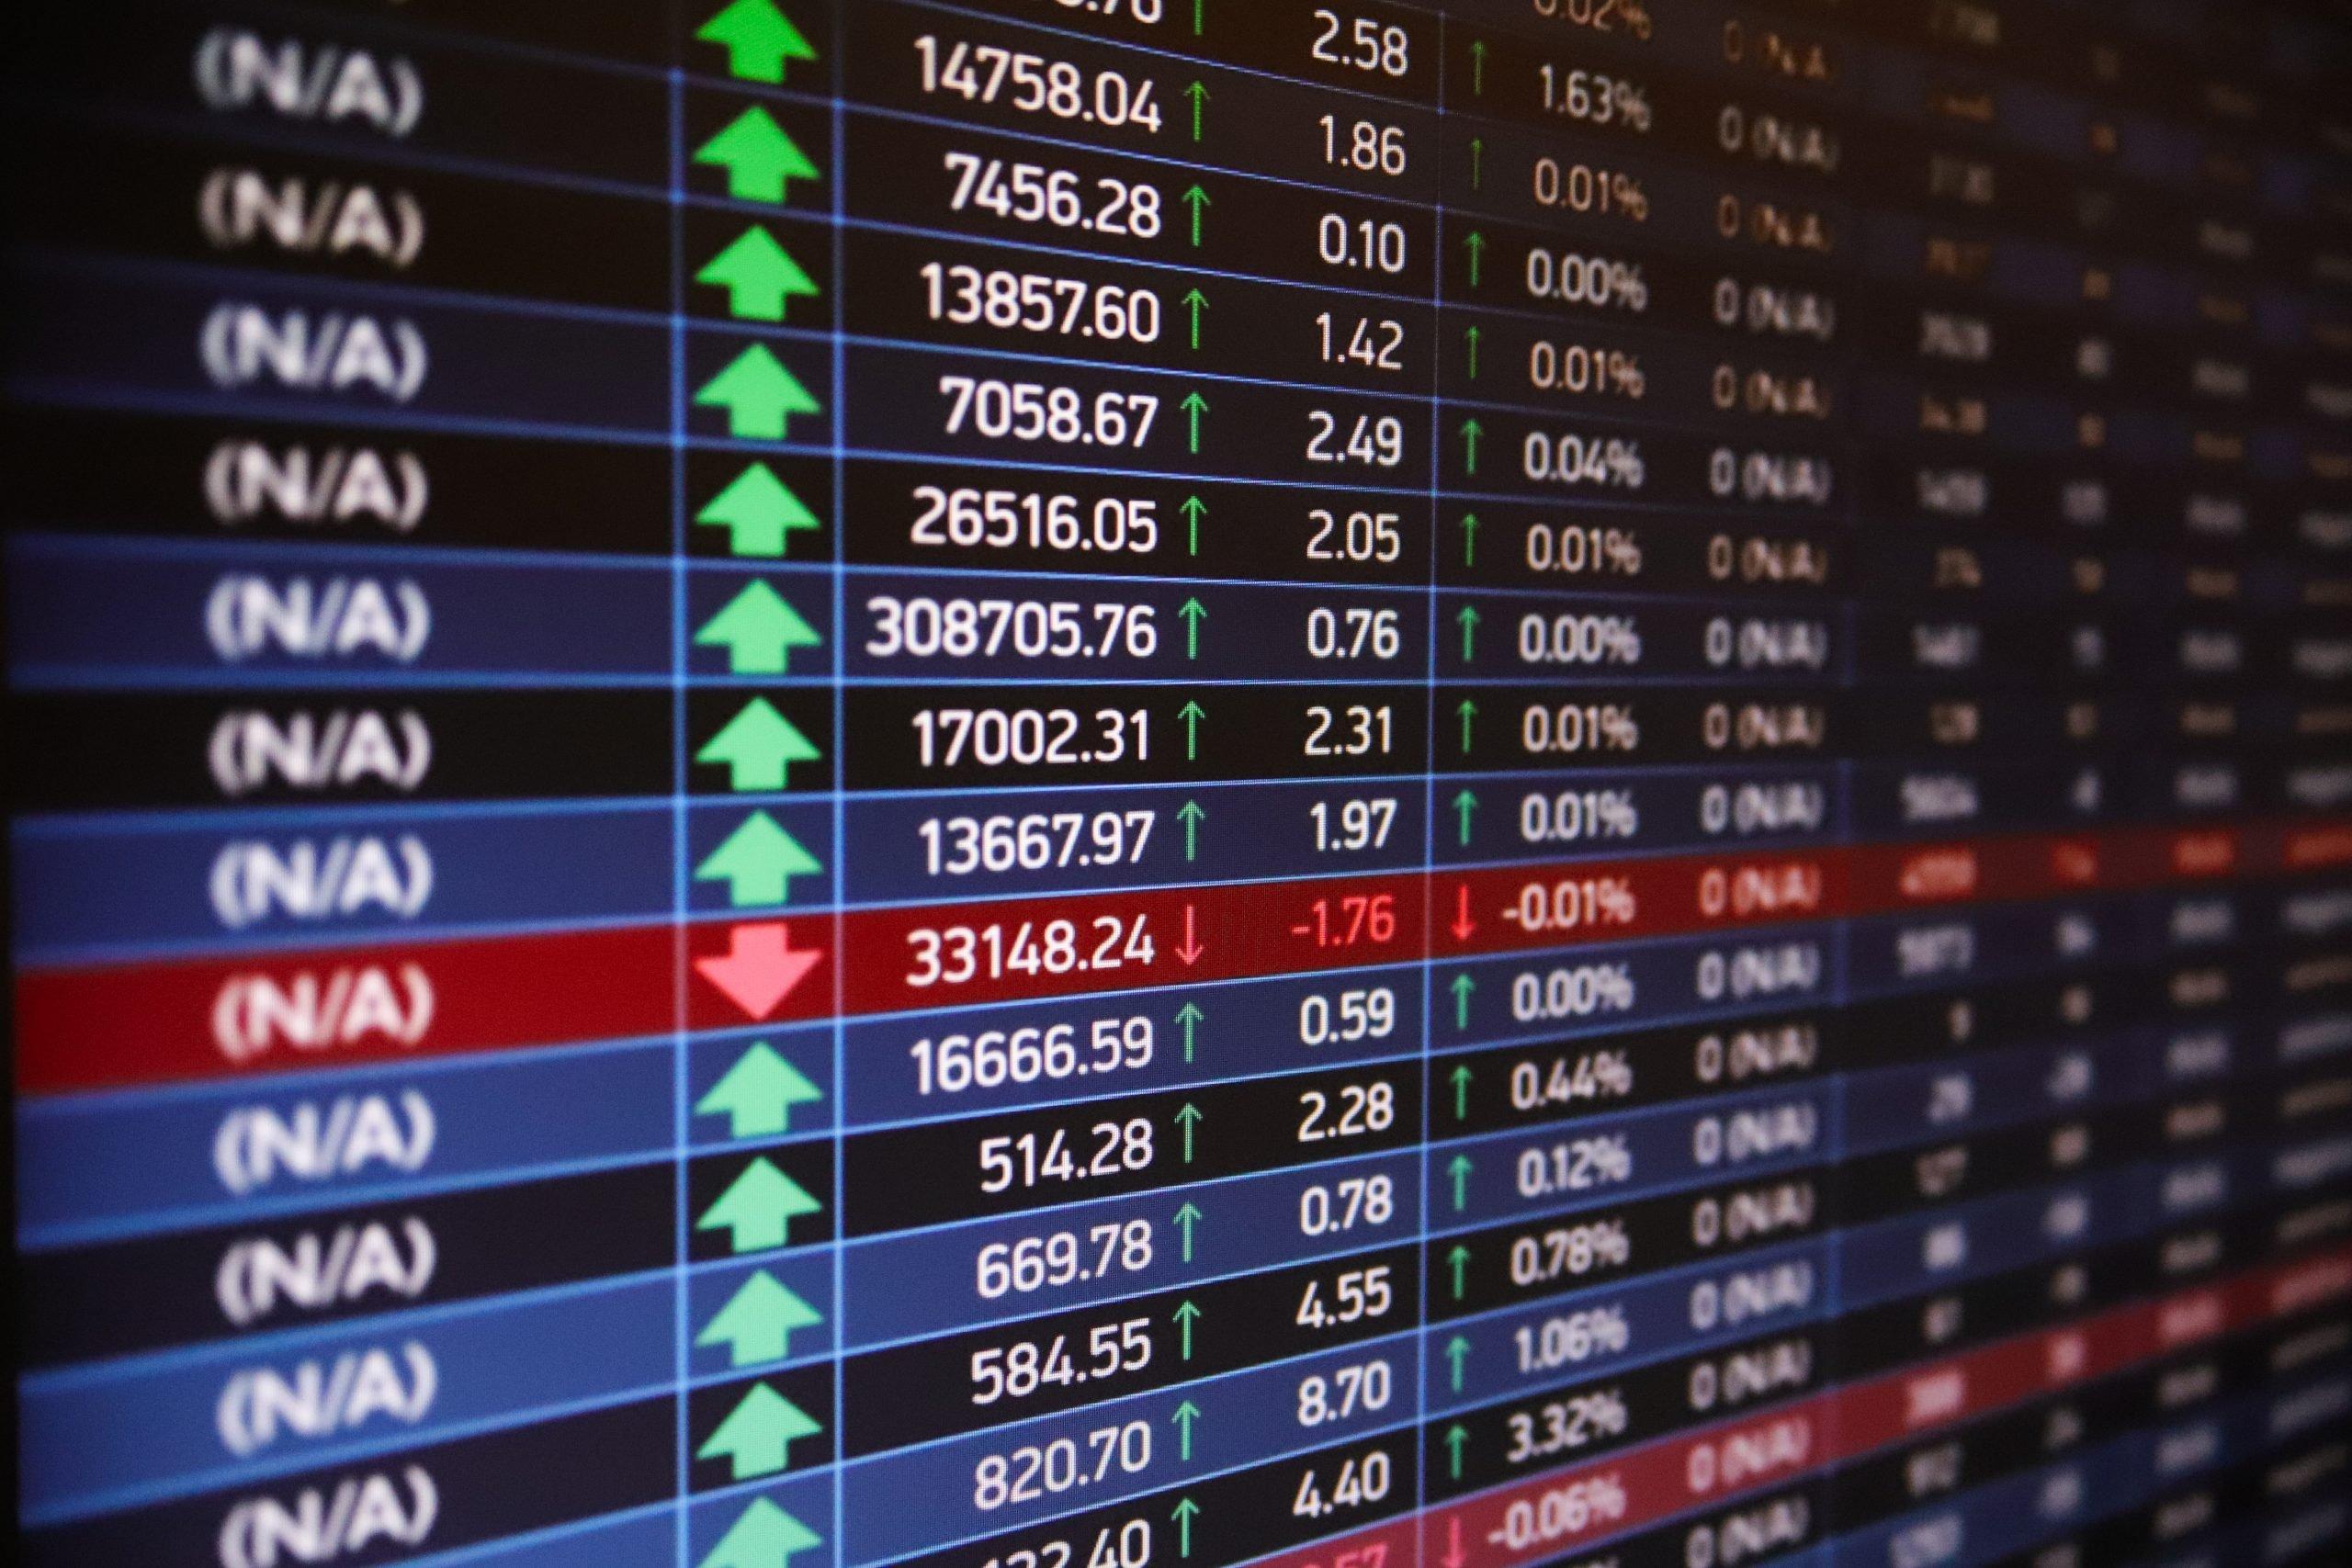 عام 2020 الأكثر تقلباً في أسواق المال ولكن ماذا عن 2021